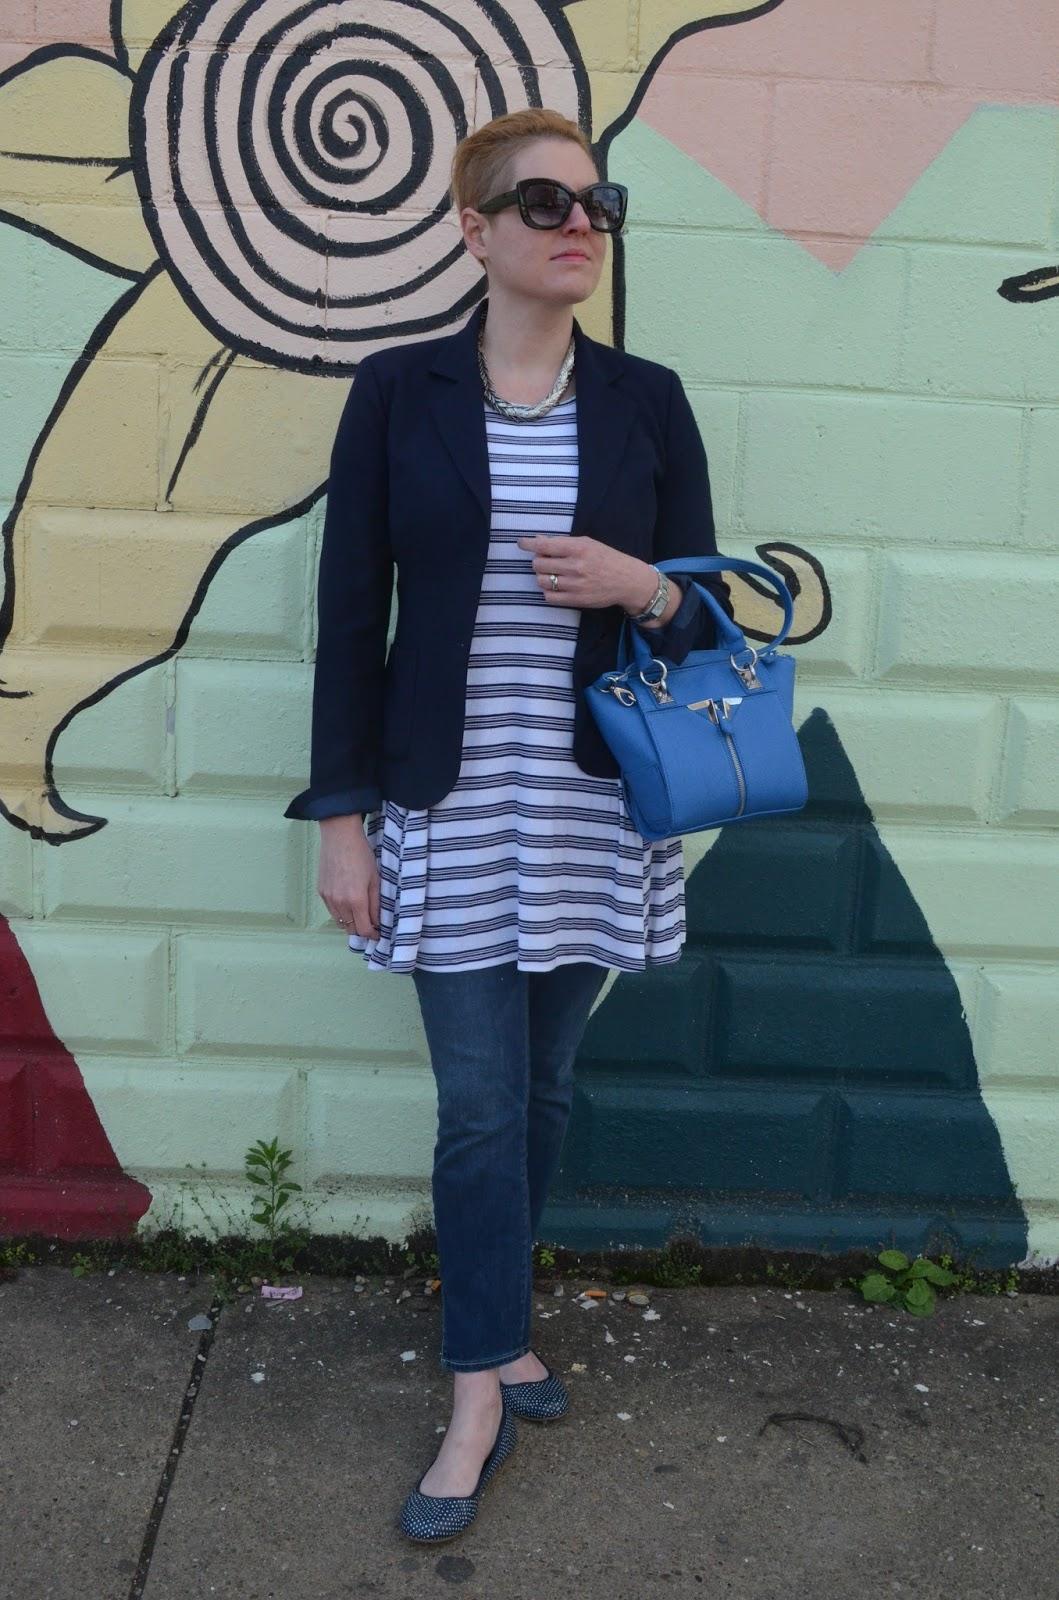 511bec2e5e53 Dress Over Jeans